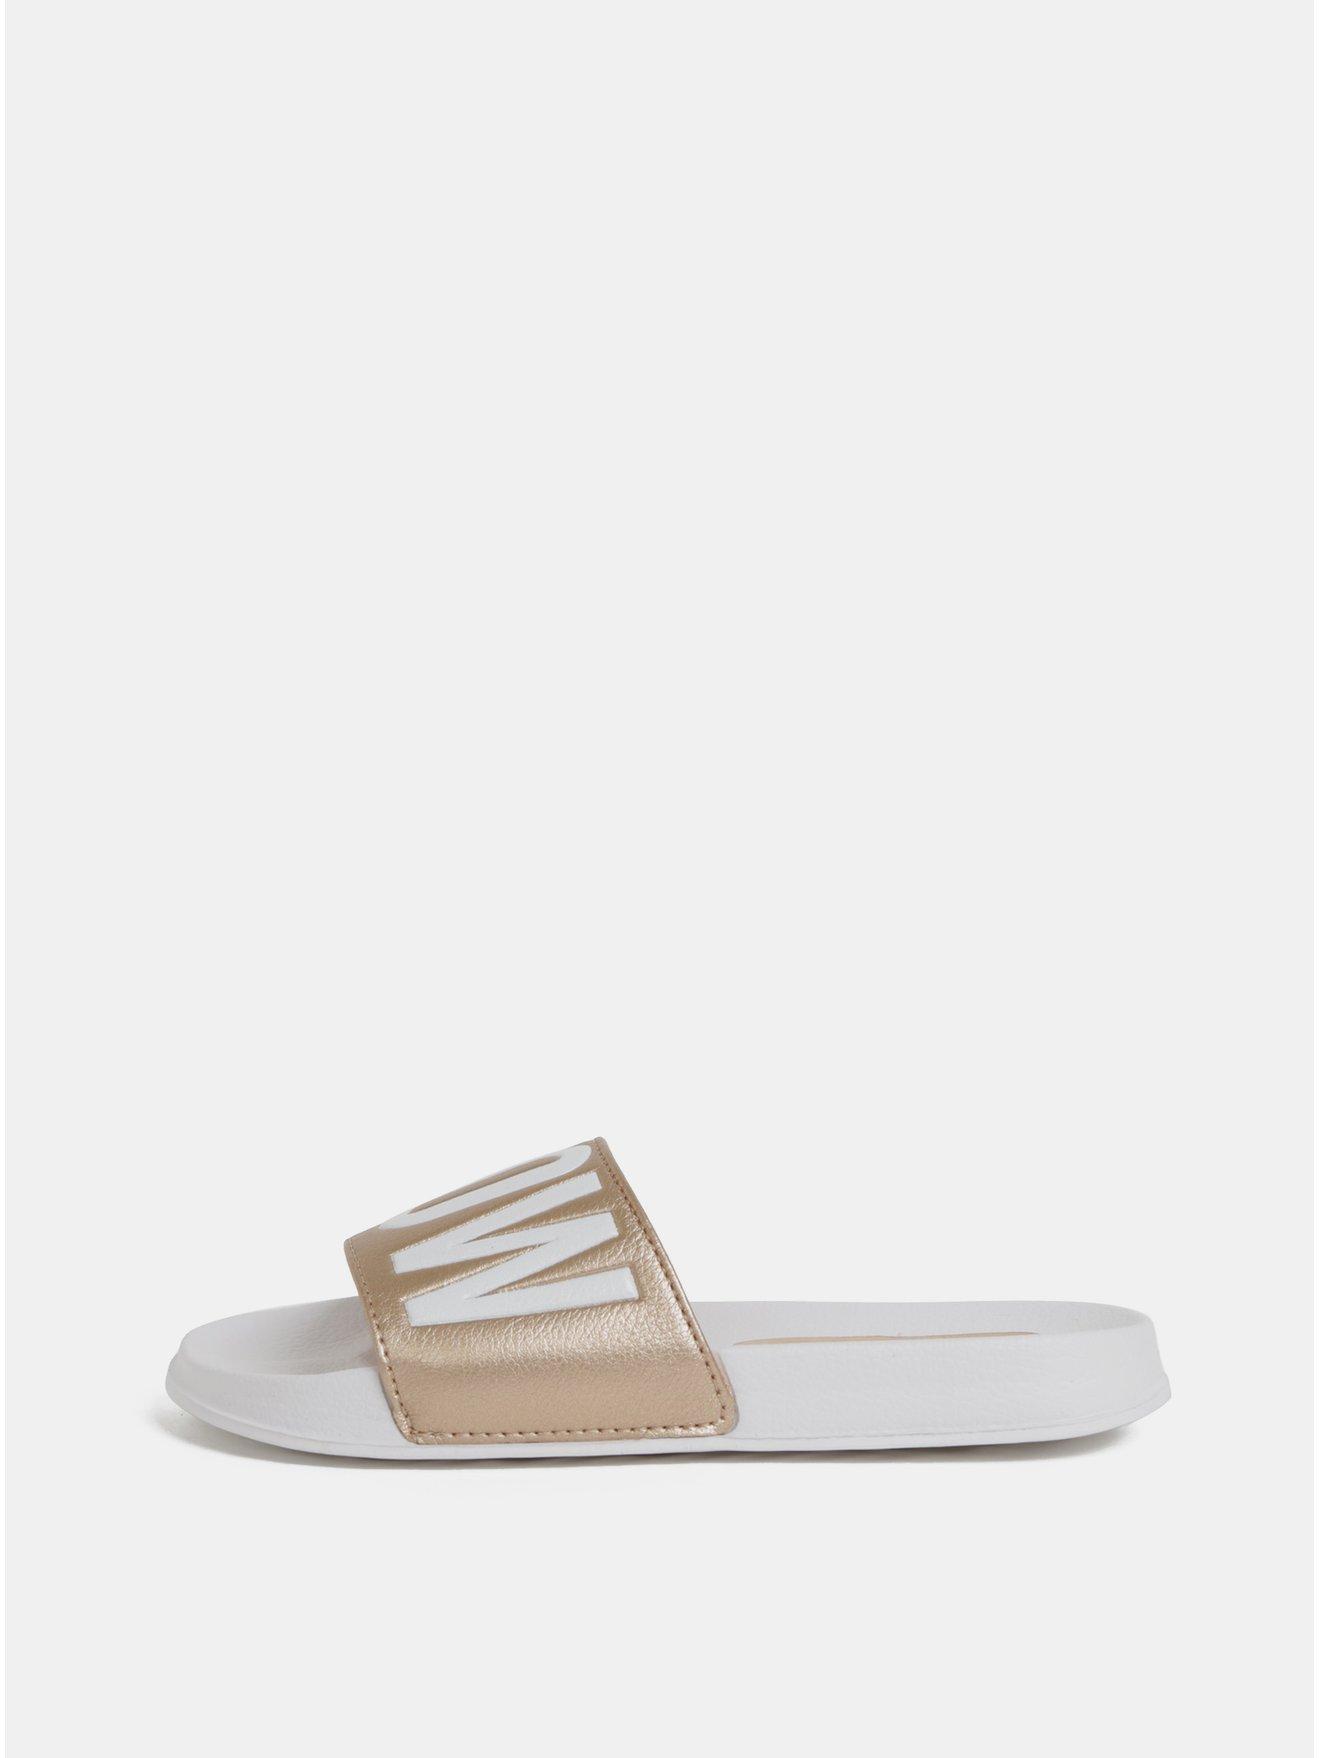 Dámské pantofle ve zlato-bílé barvě Tom Tailor Denim